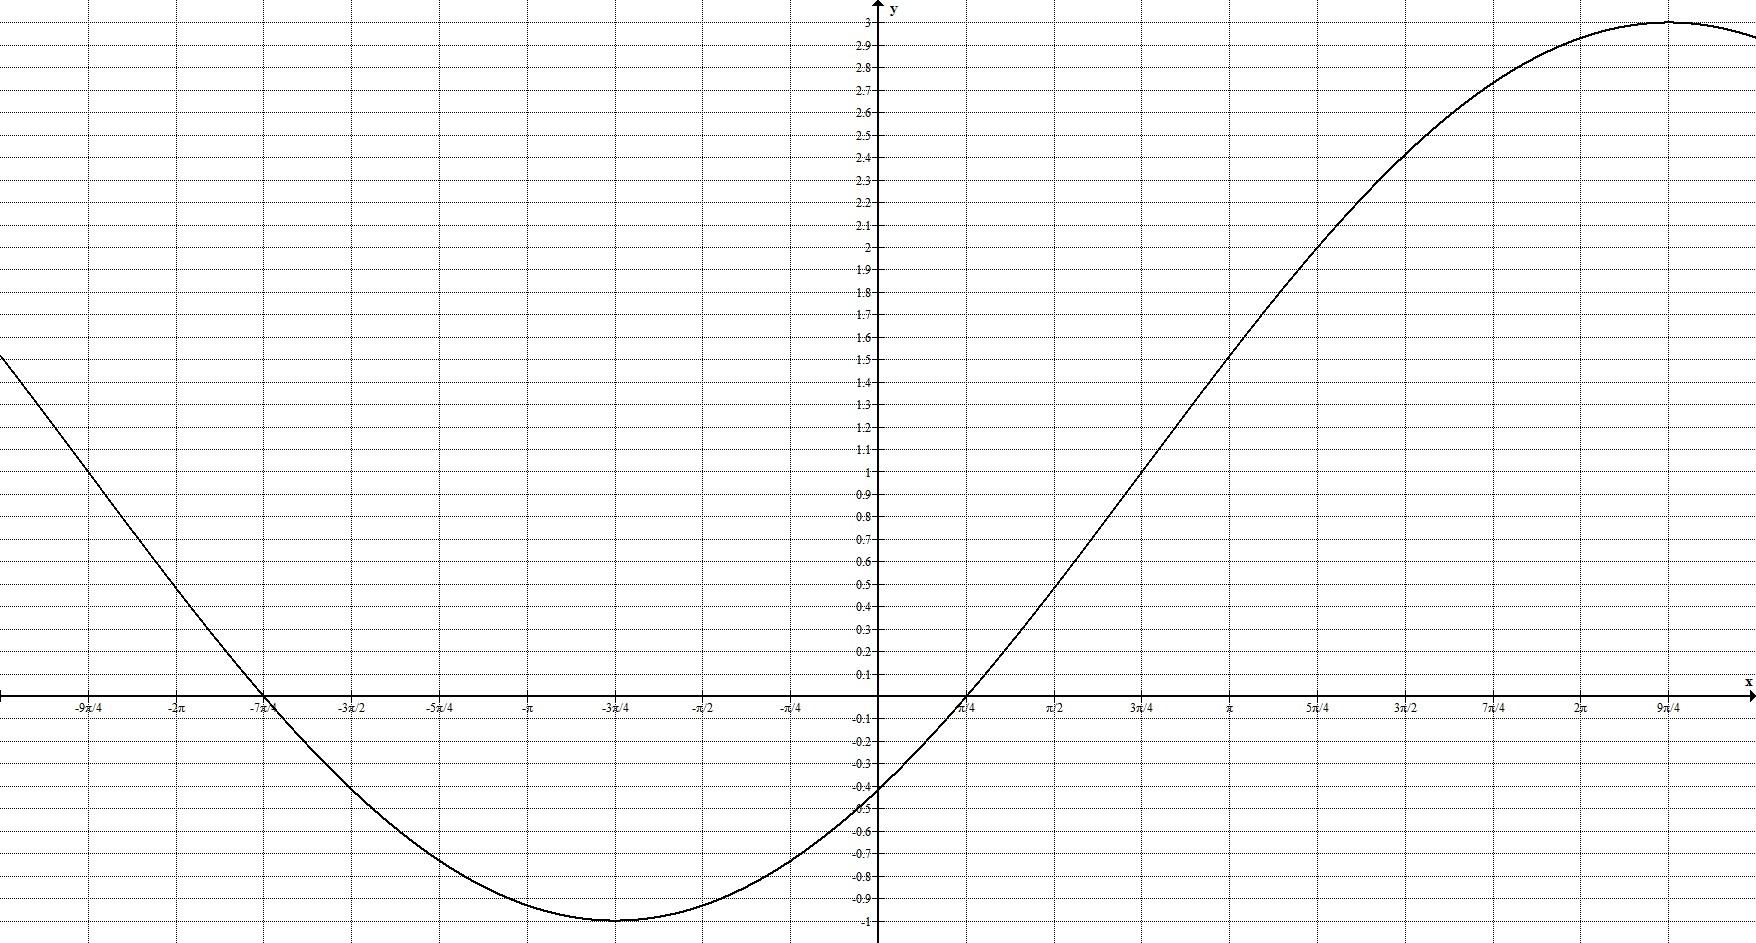 Геометрические преобразования. Общий случай. График 7.